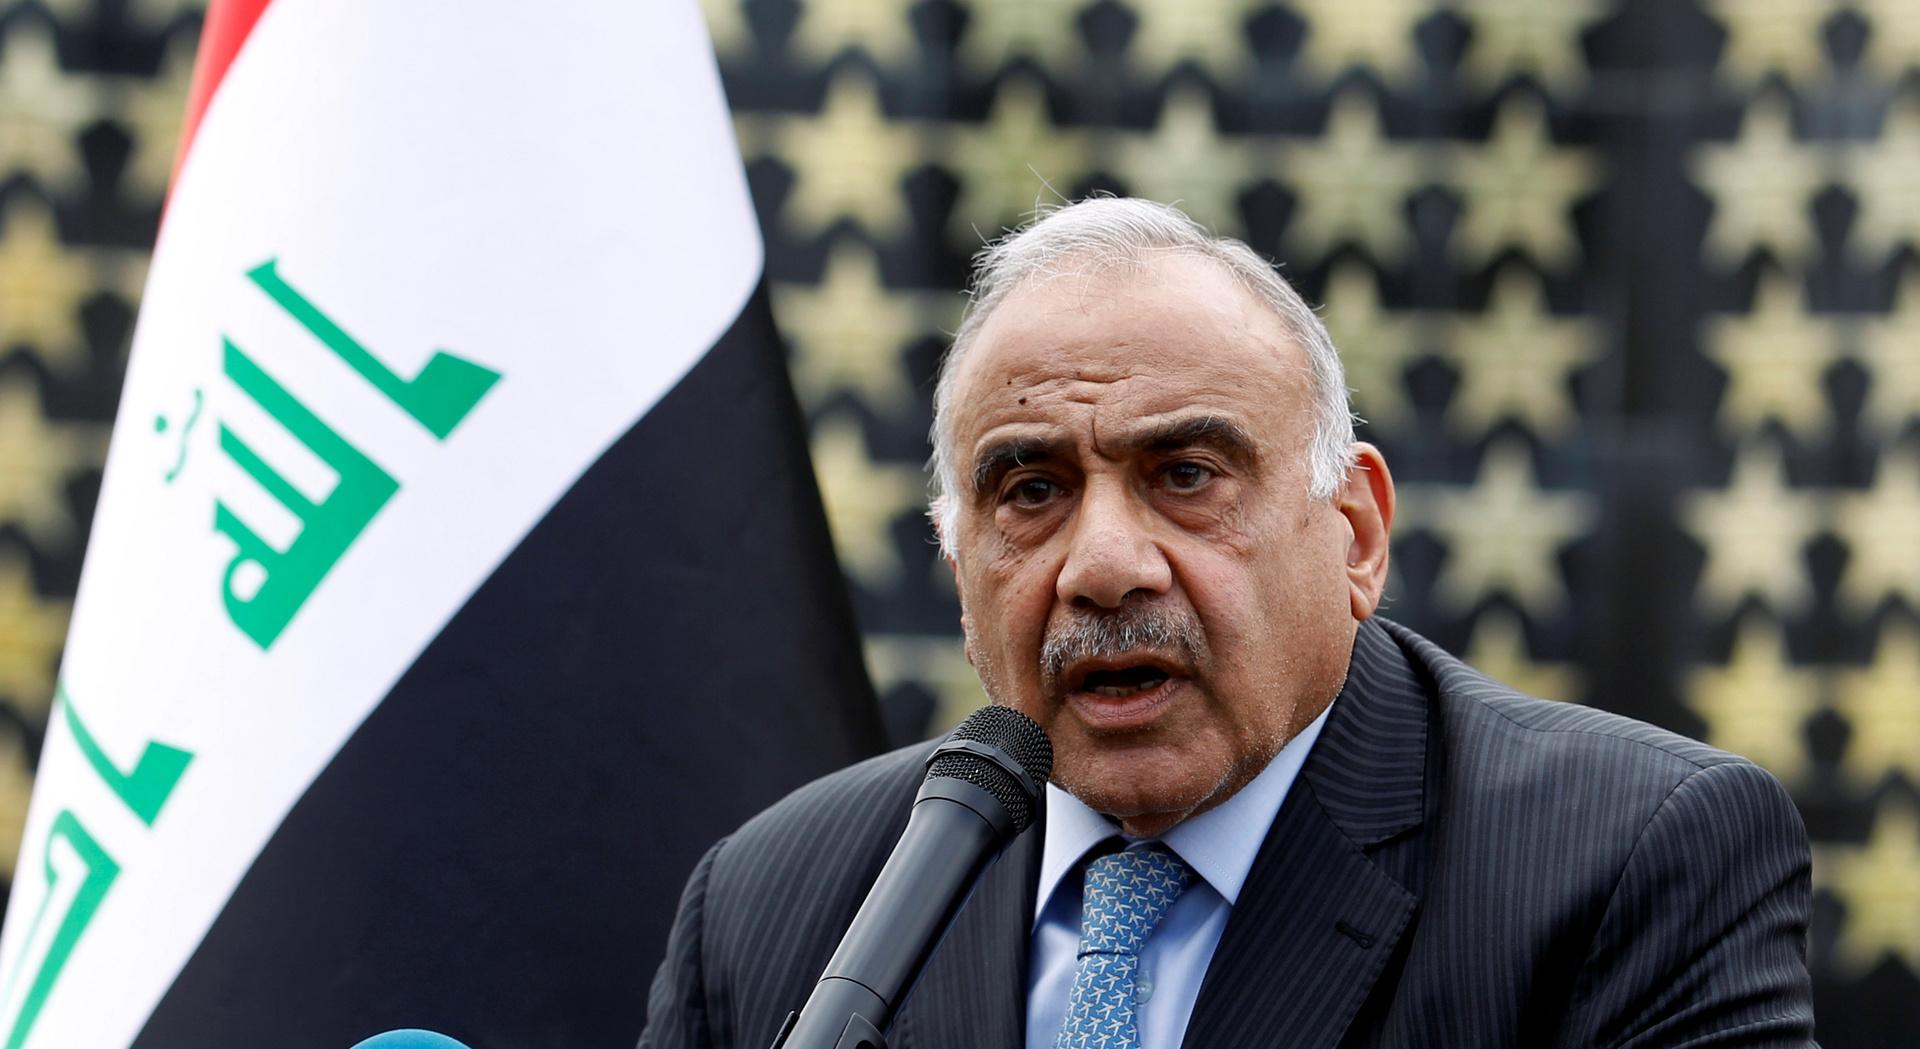 عبد المهدي: اغتيال سليماني عدوانعلى العراقوخرق فاضح لشروطتواجد القوات الأمريكية فيه